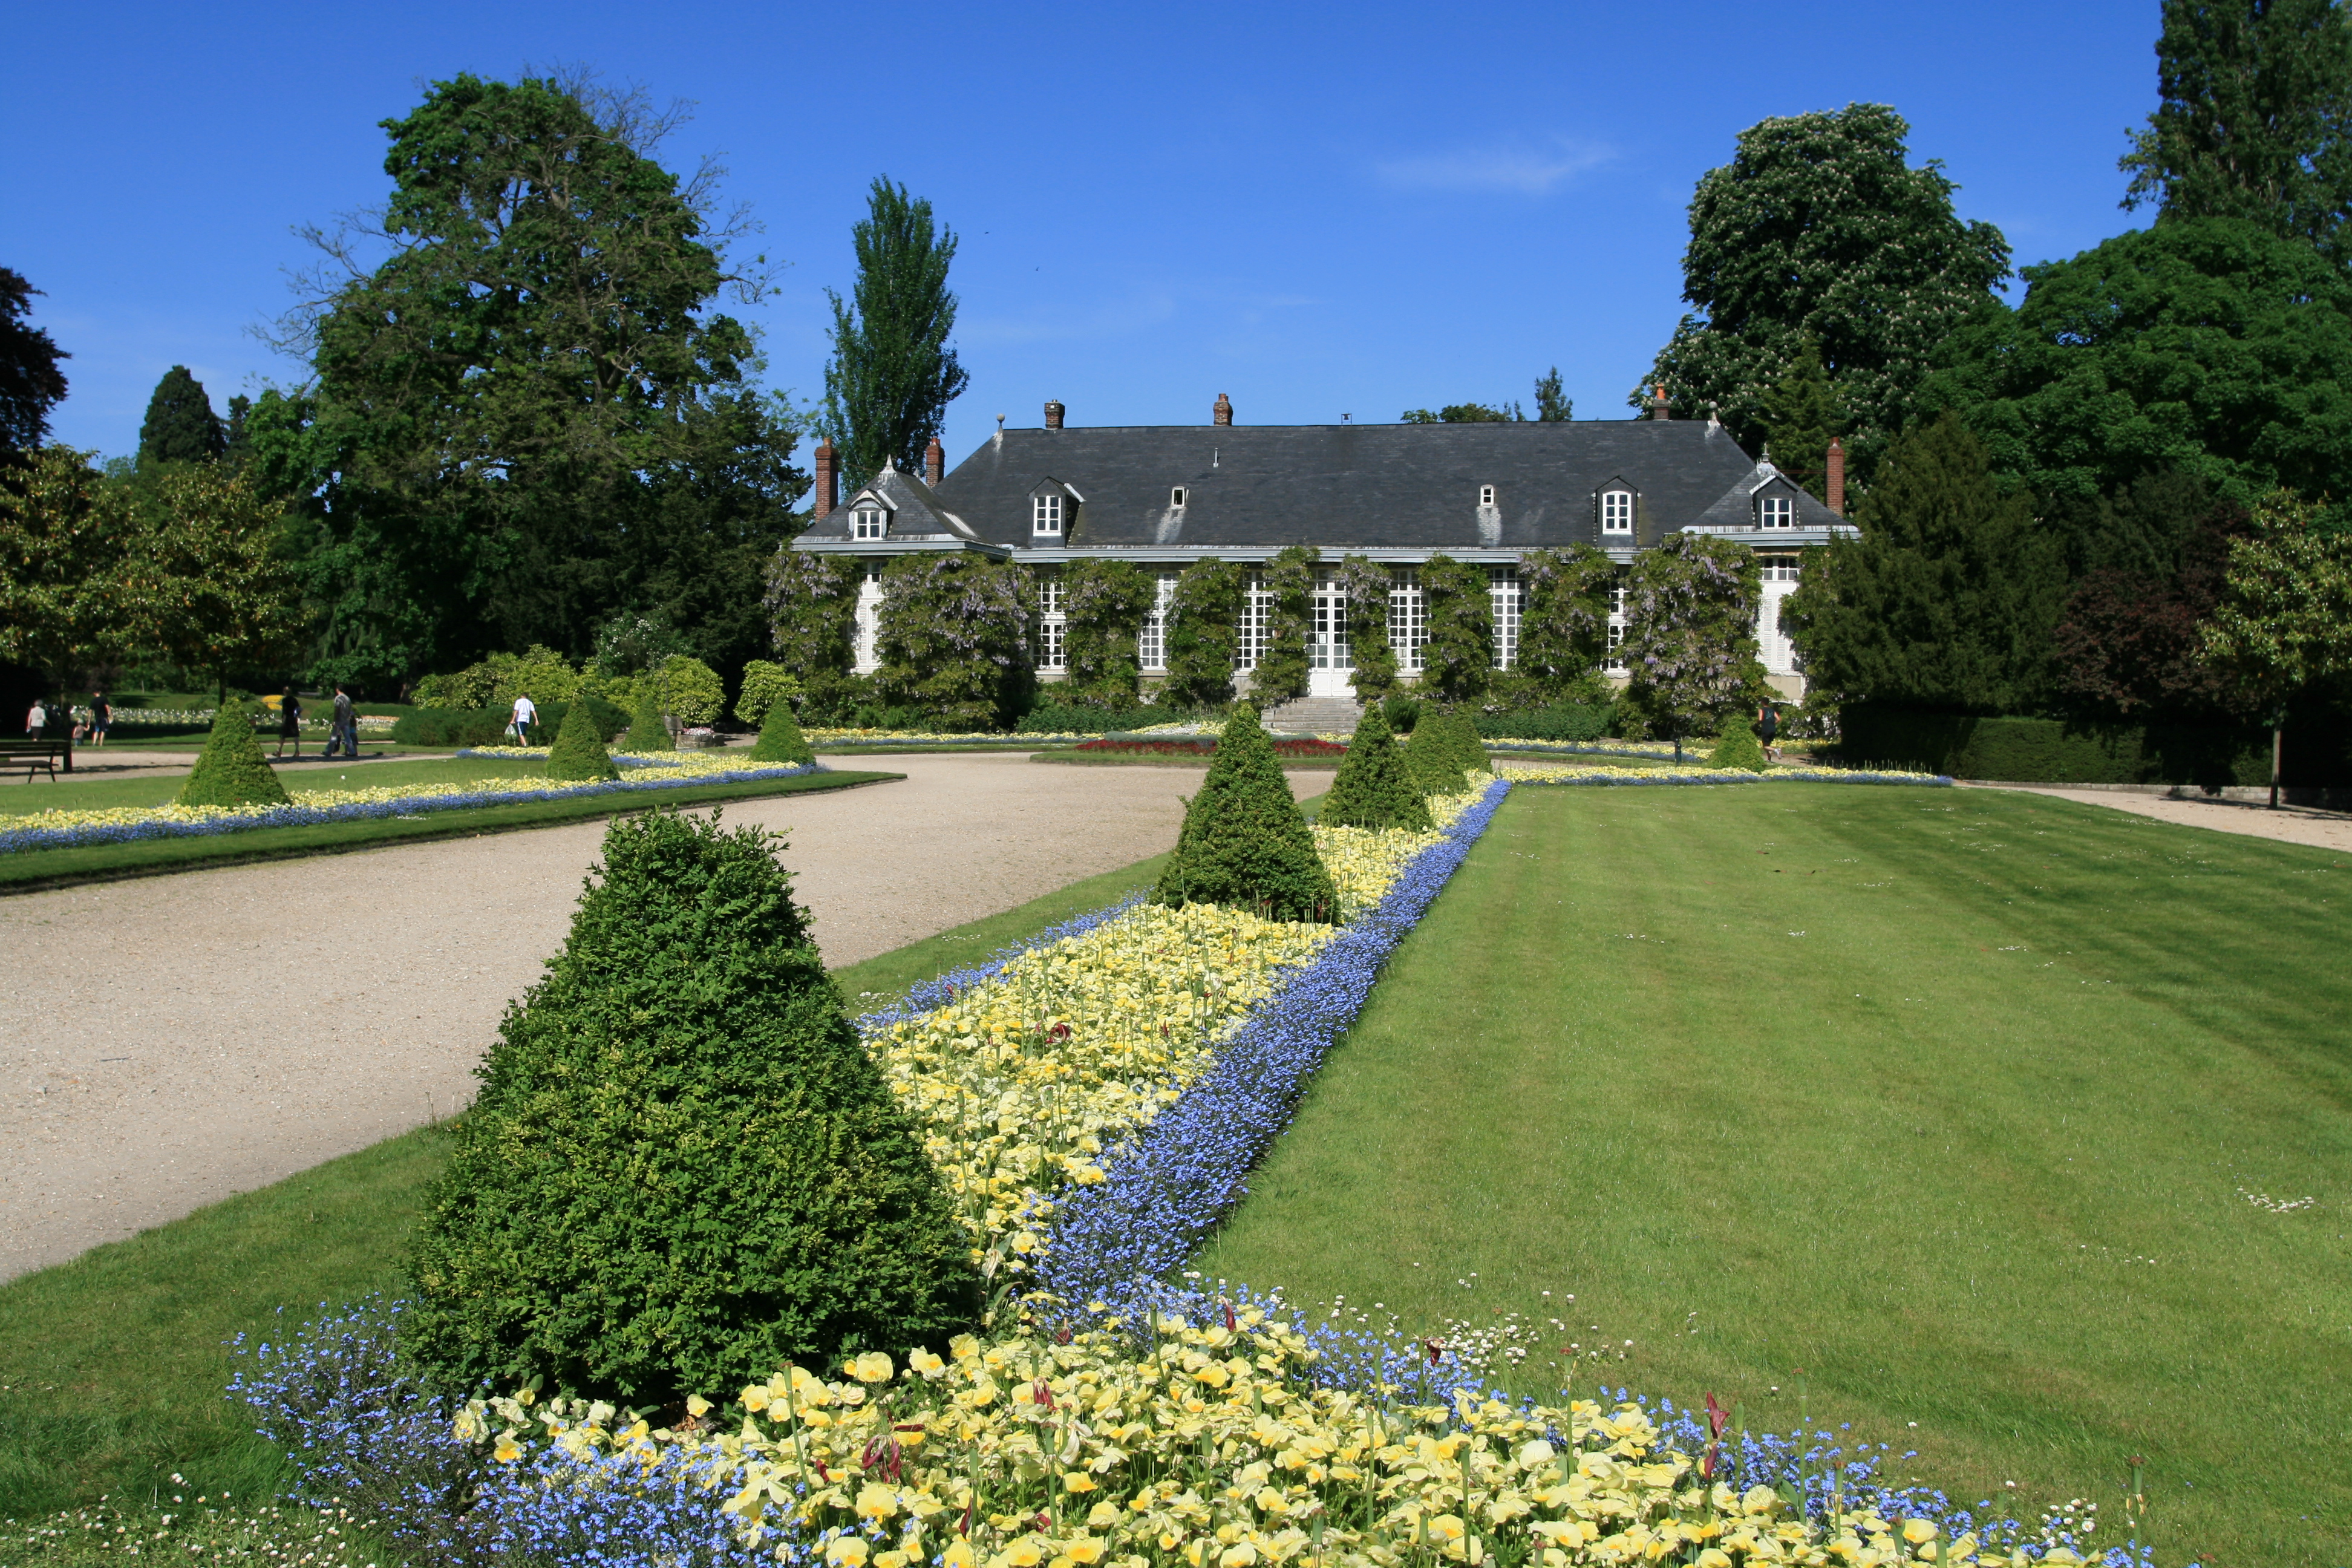 Jardin des plantes de rouen for A jardin